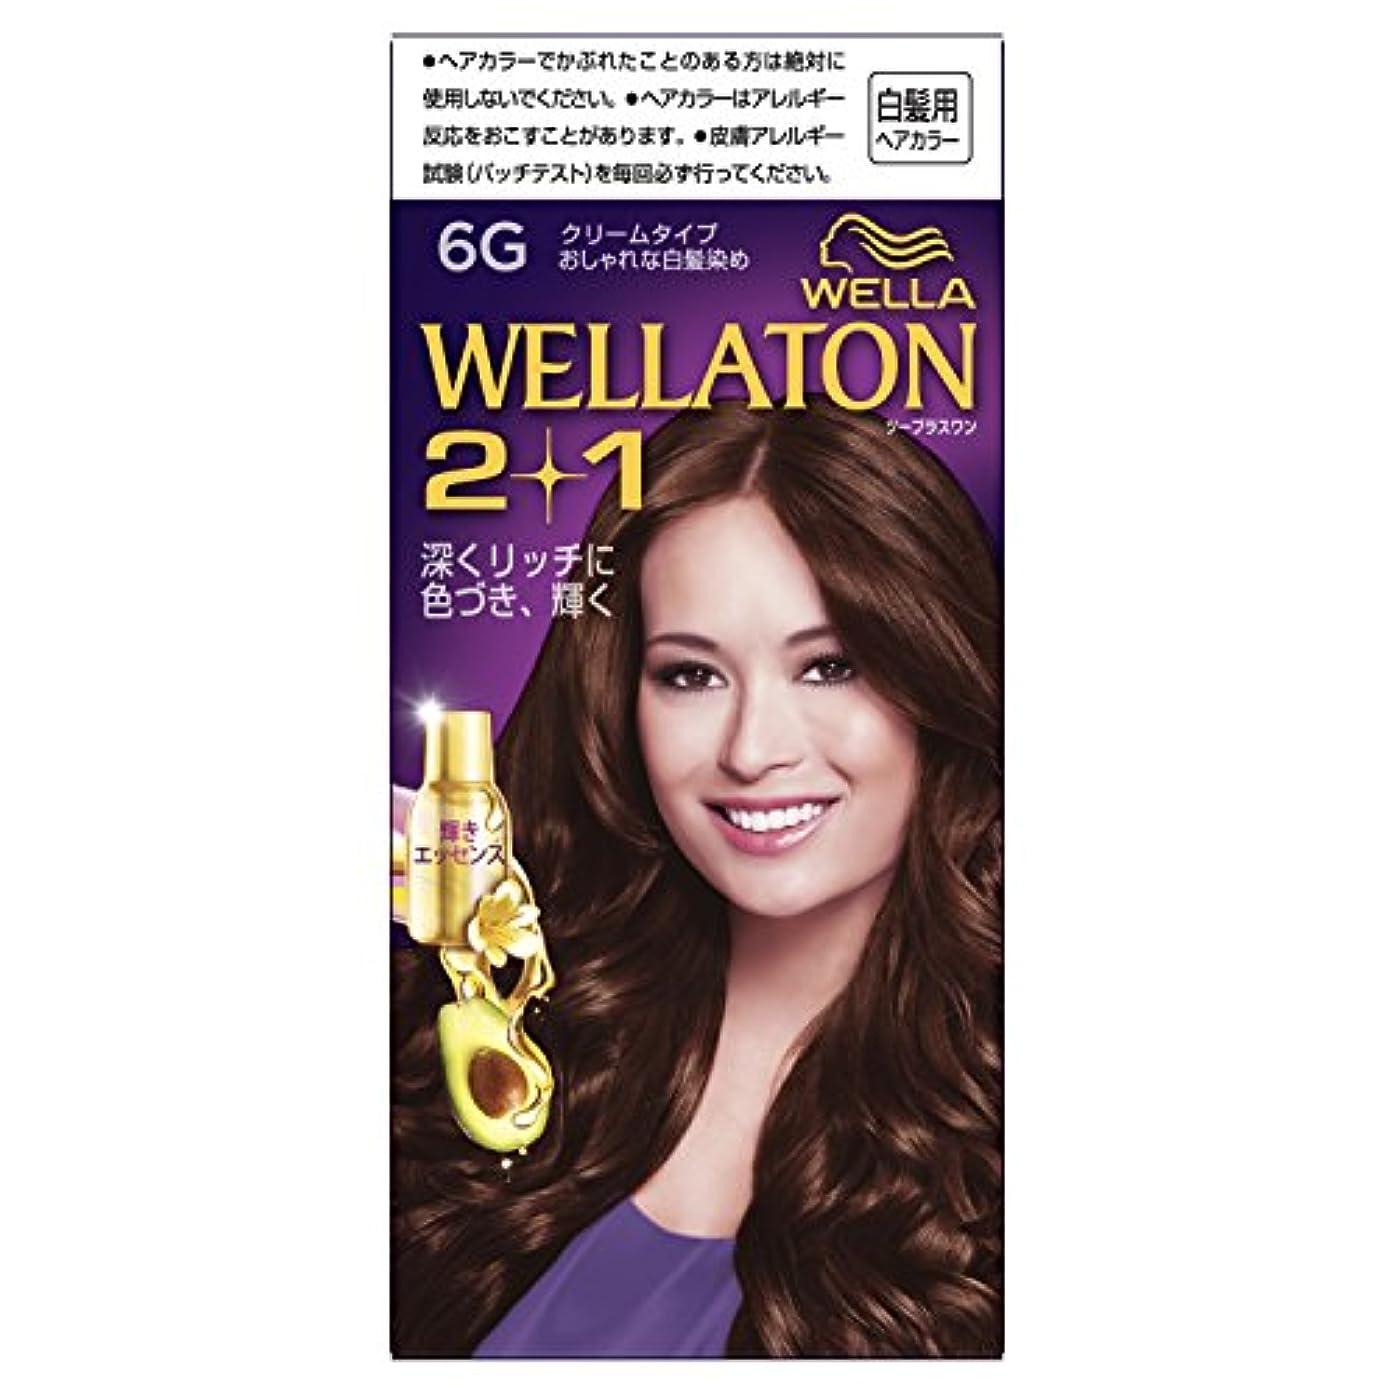 変化するどうやら添付ウエラトーン2+1 クリームタイプ 6G [医薬部外品](おしゃれな白髪染め)